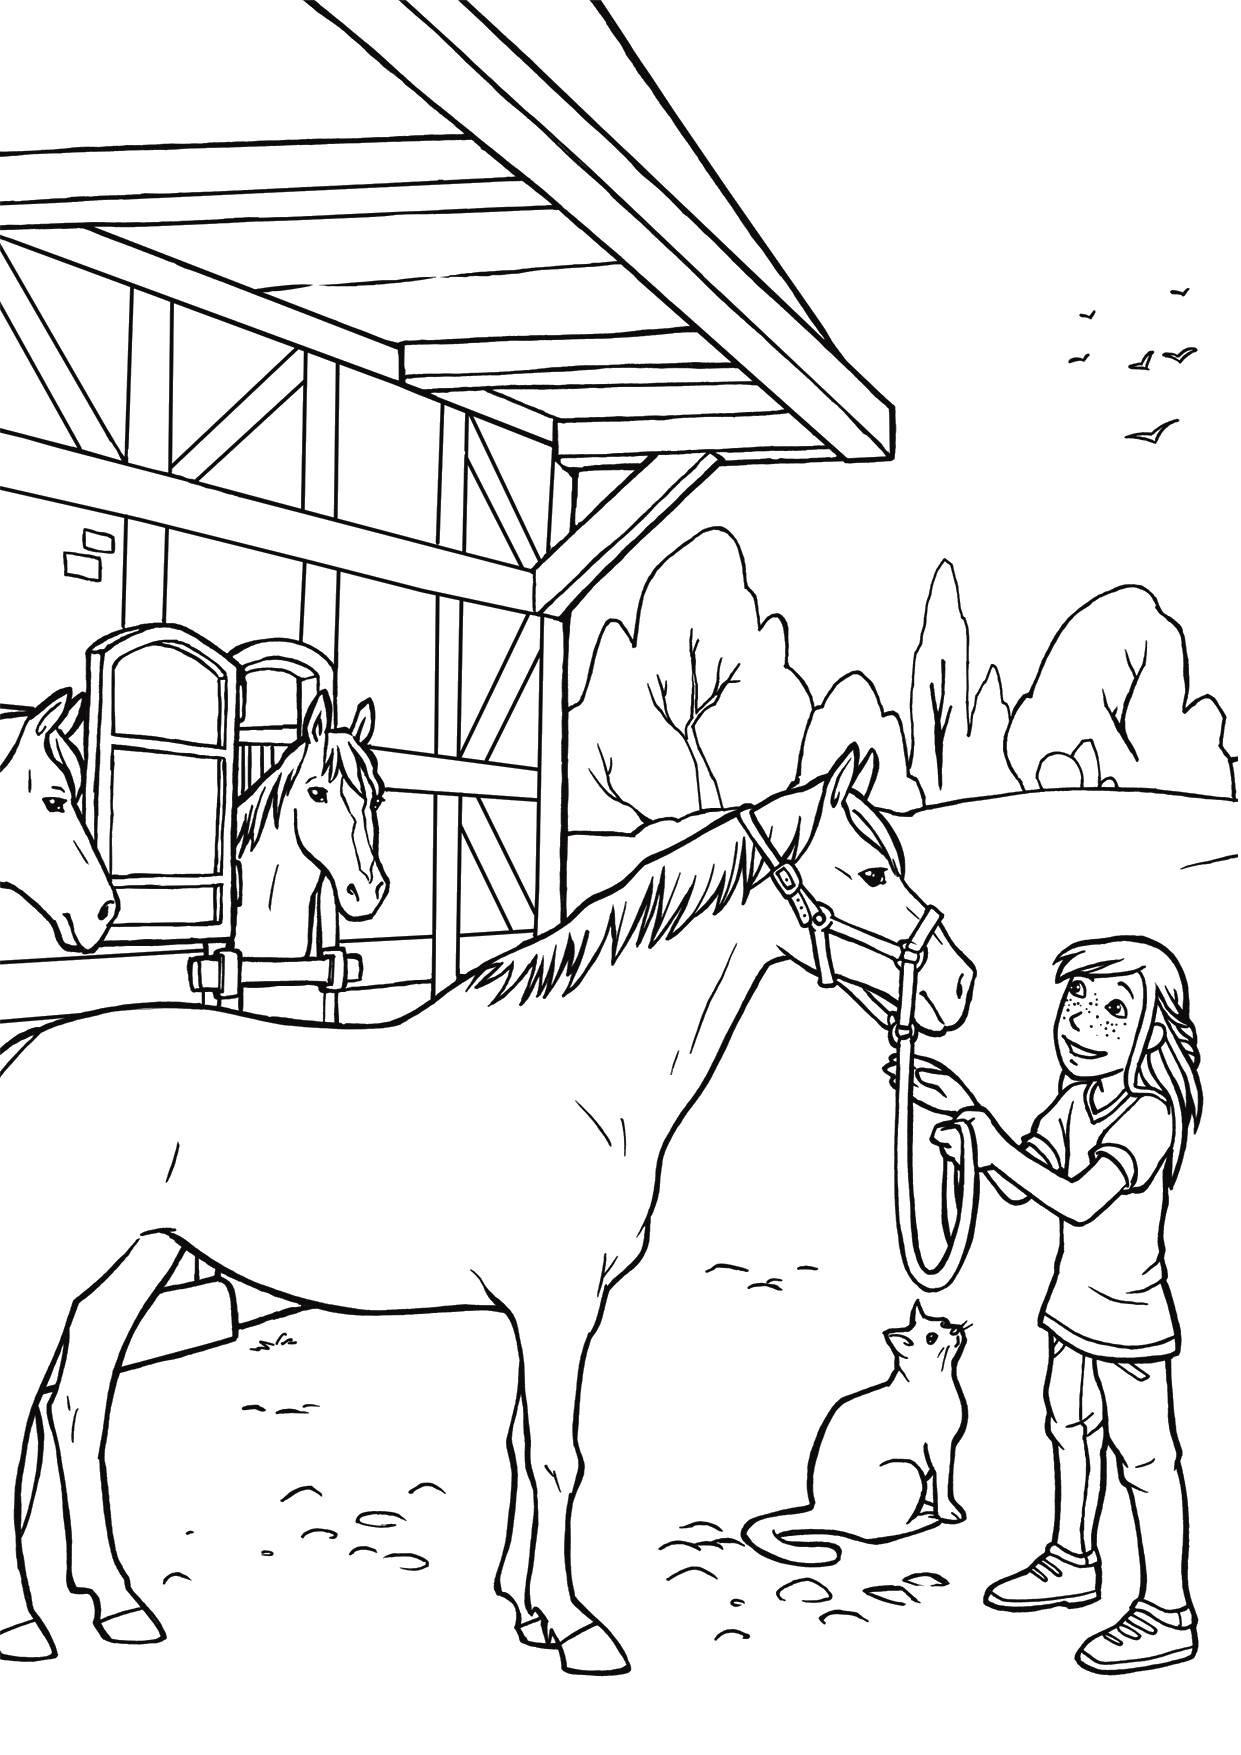 Bibi Und Tina Bilder Zum Drucken Genial 45 Best Ausmalbilder Pferde Gratis Zum Drucken Bilder